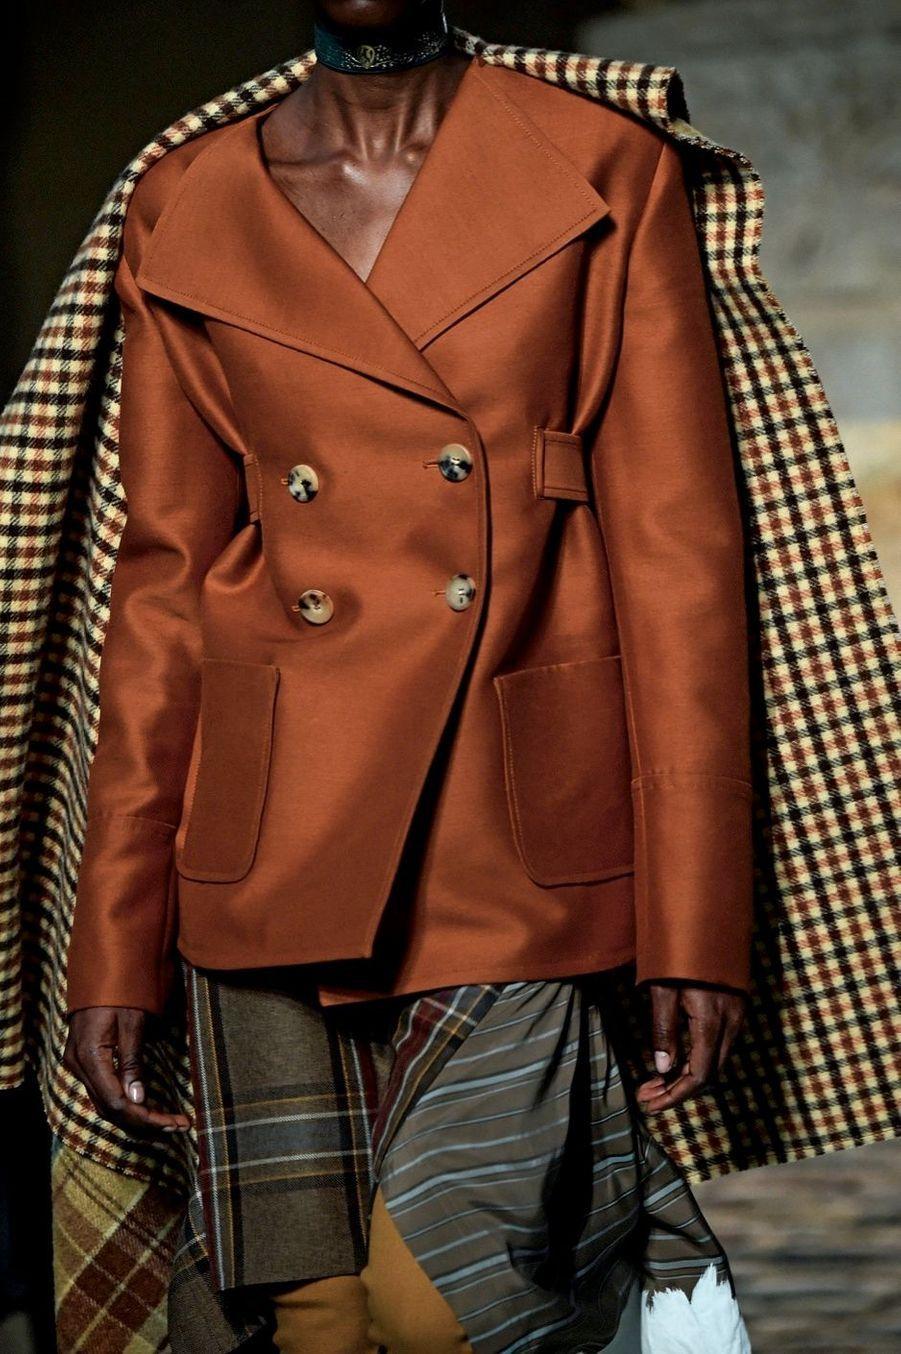 Lanvin: A 31 ans, Bruno Sialelli rend hommage à Jeanne Lanvin, fondatrice de la plus ancienne maison de mode française.